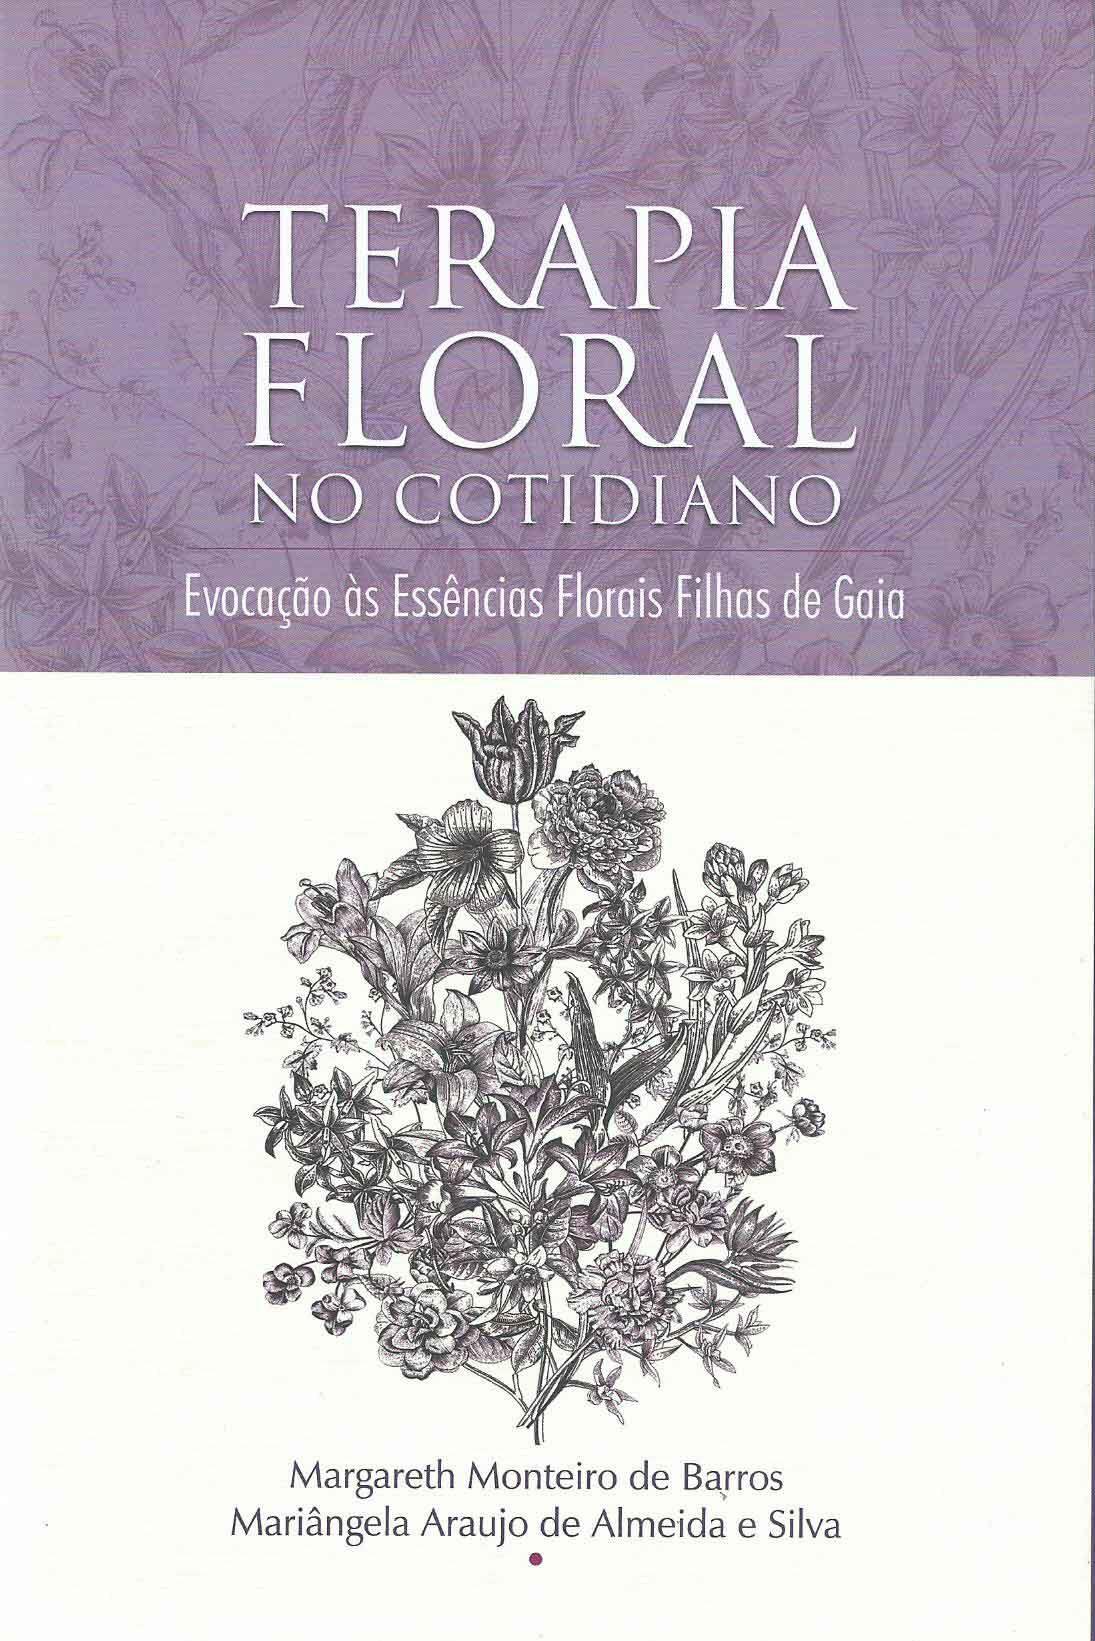 Livro Terapia Floral no Cotidiano - Evocação as Essências Florais Filhas de Gaia  - Floressência